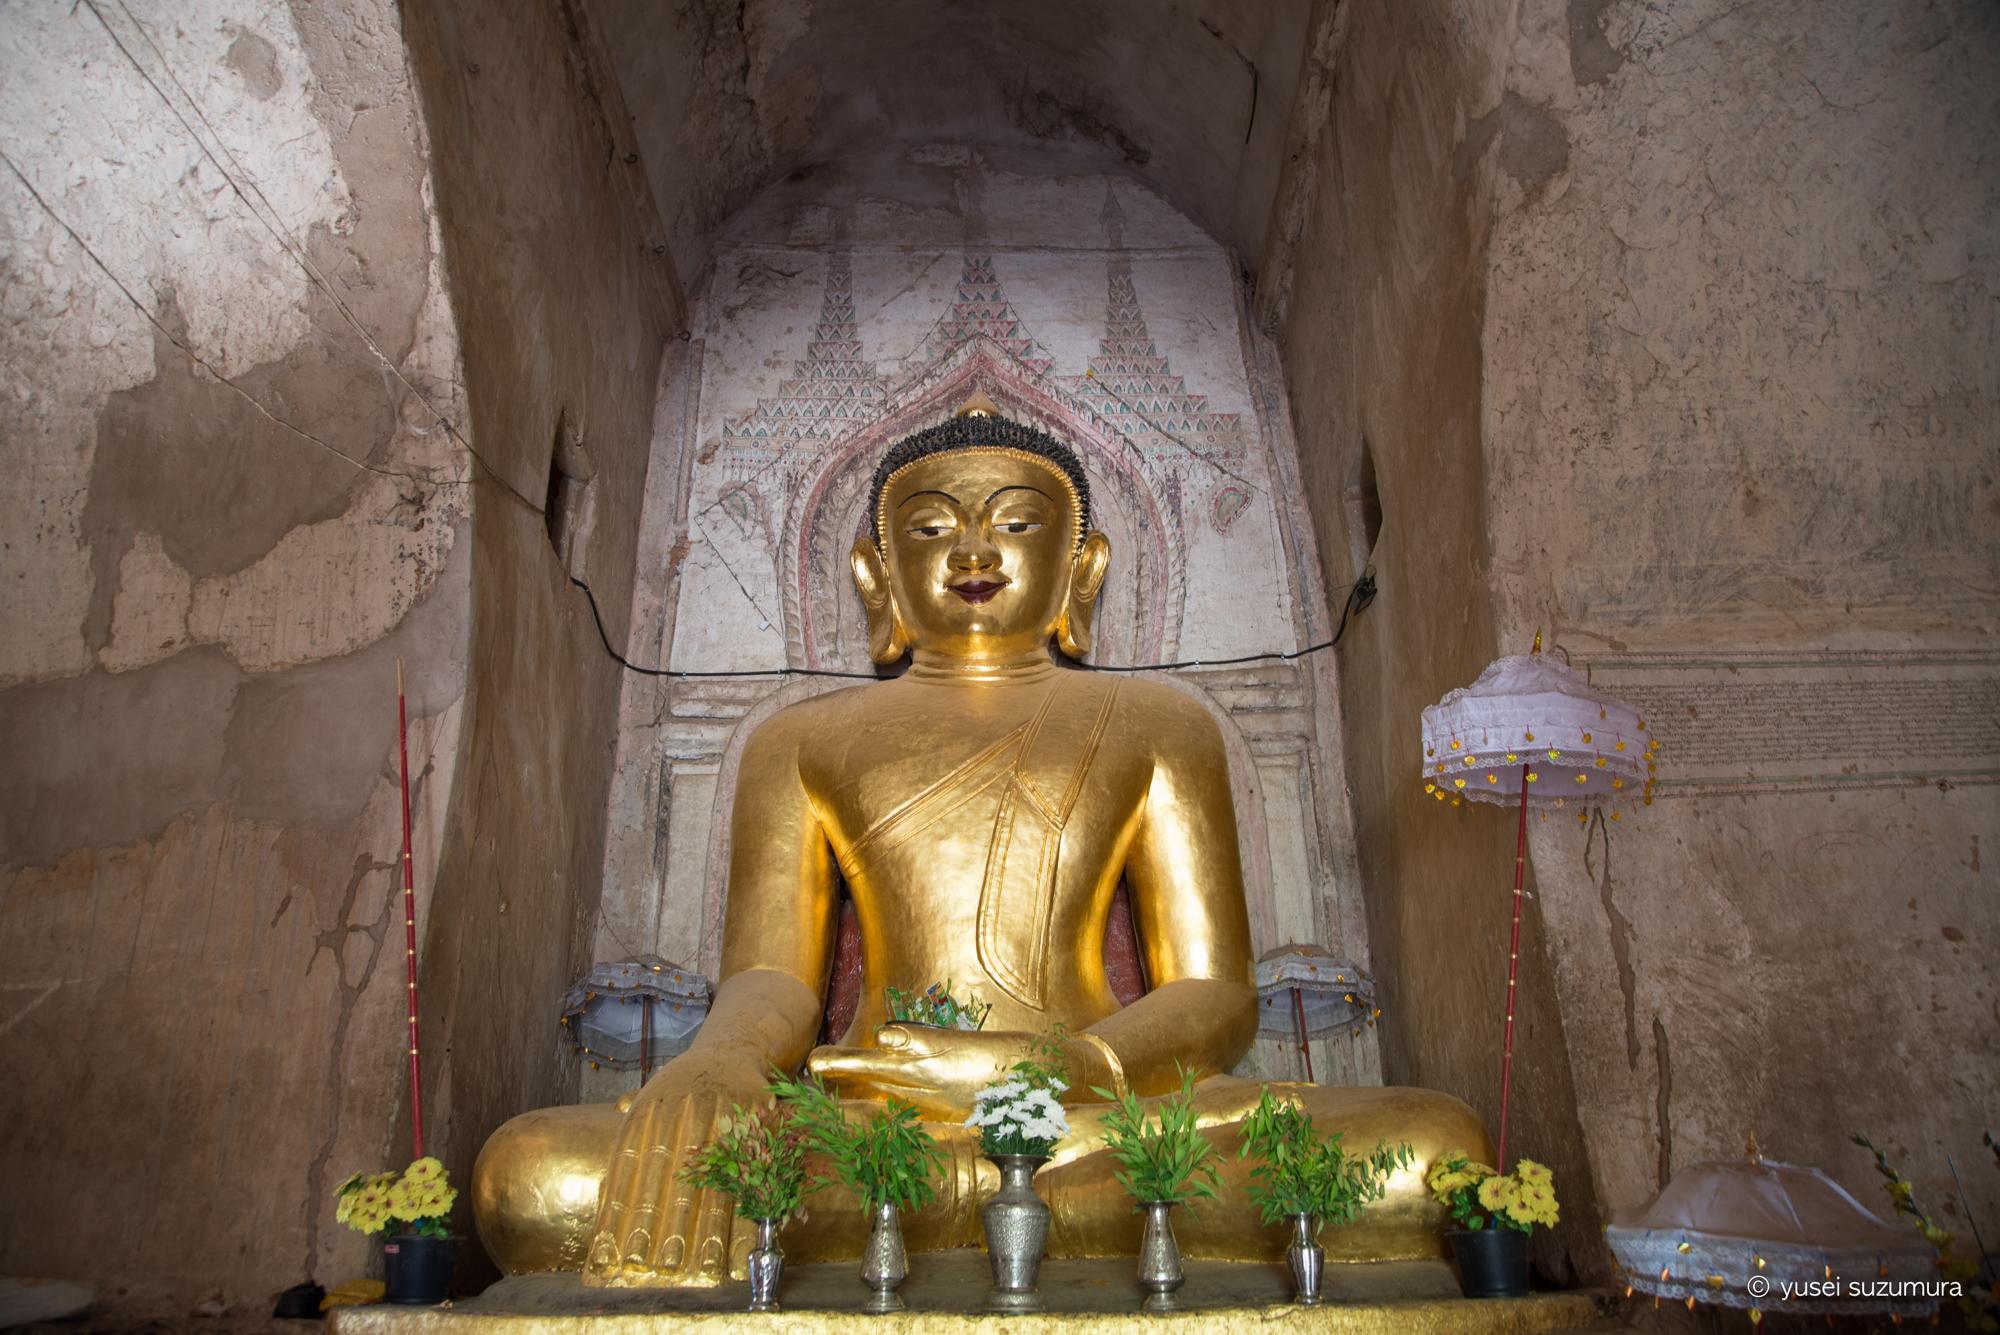 バガン 遺跡 仏像